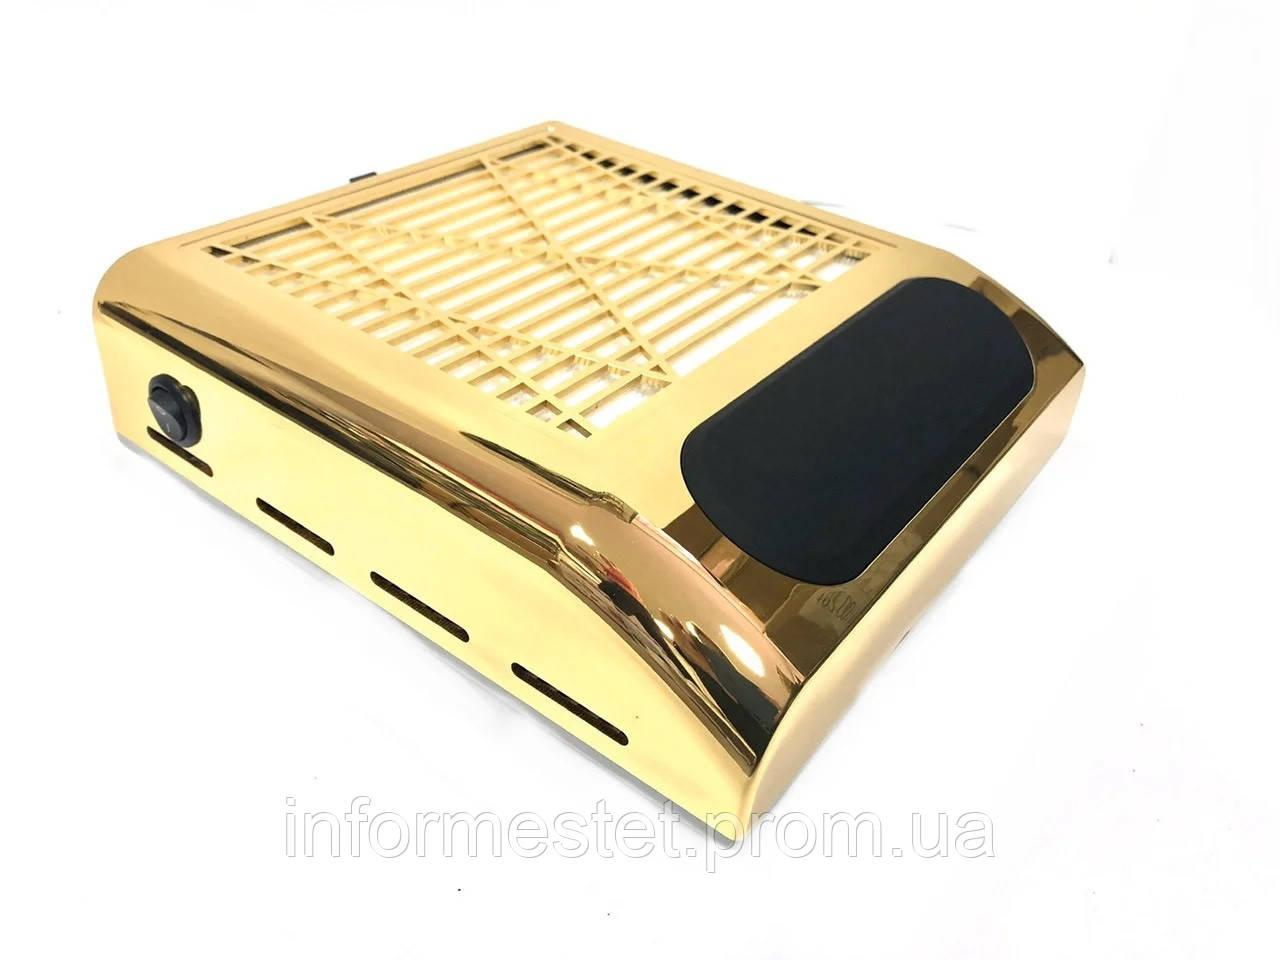 Вытяжка маникюрная настольная BQ 858-8 80 Вт.